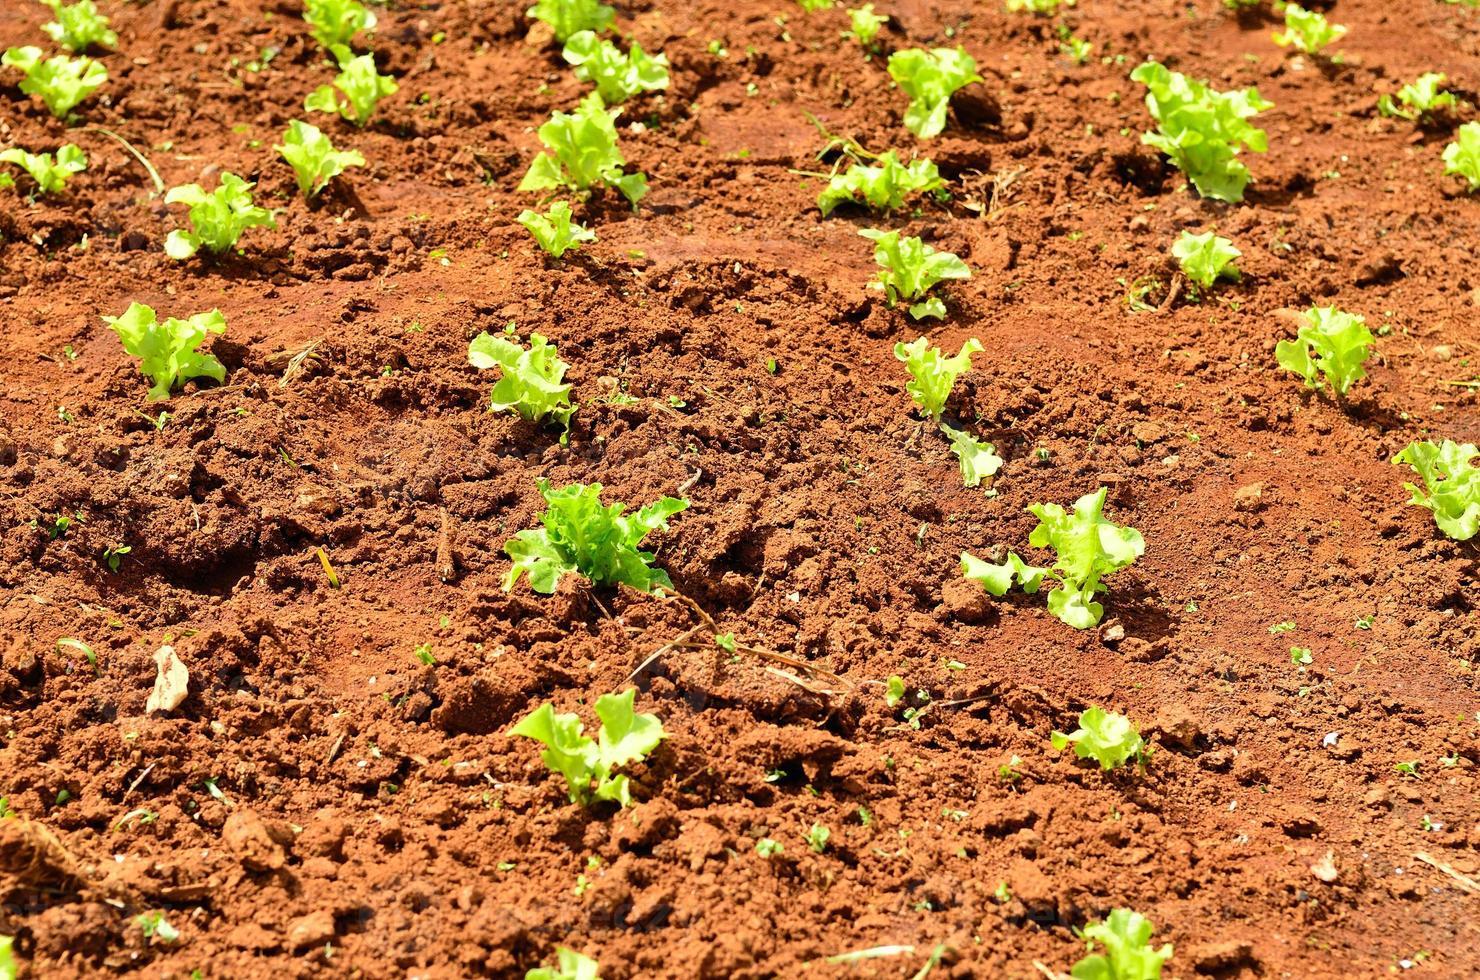 Lettuce plants on a field photo